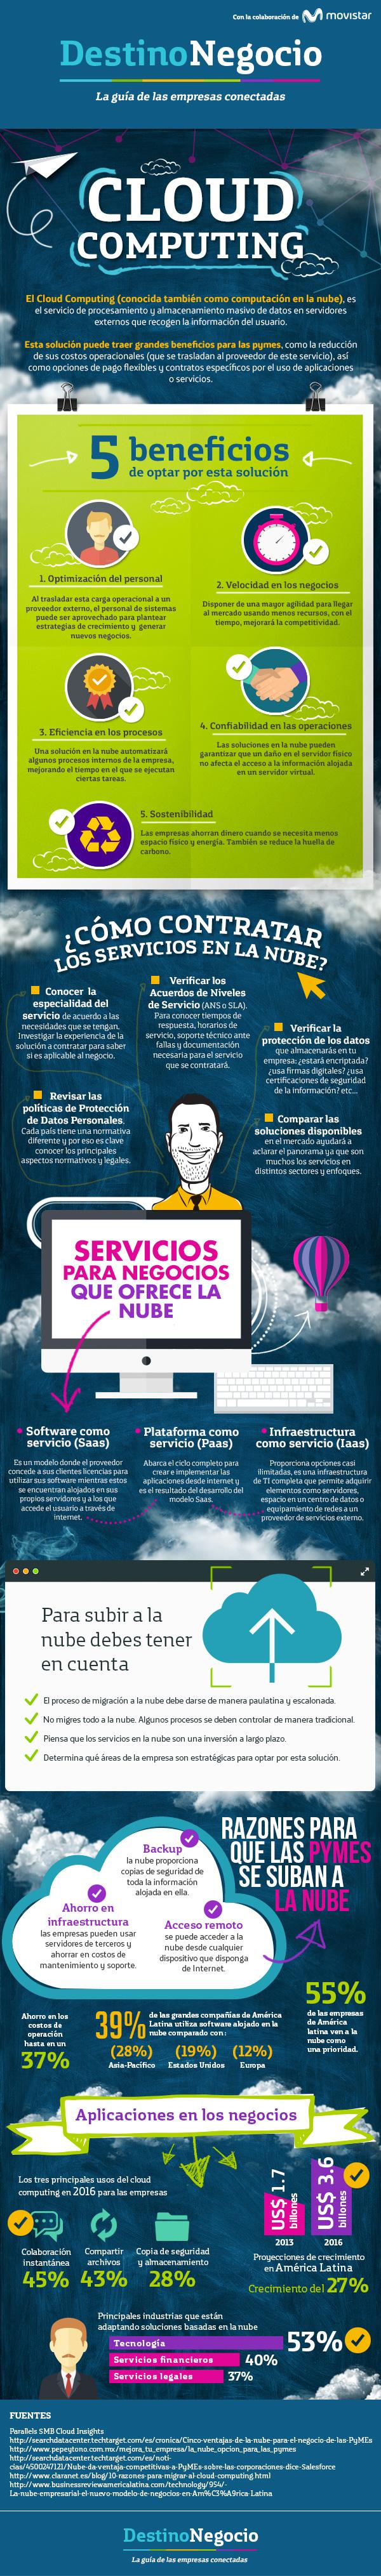 Cloud Computing y sus beneficios para las Pymes